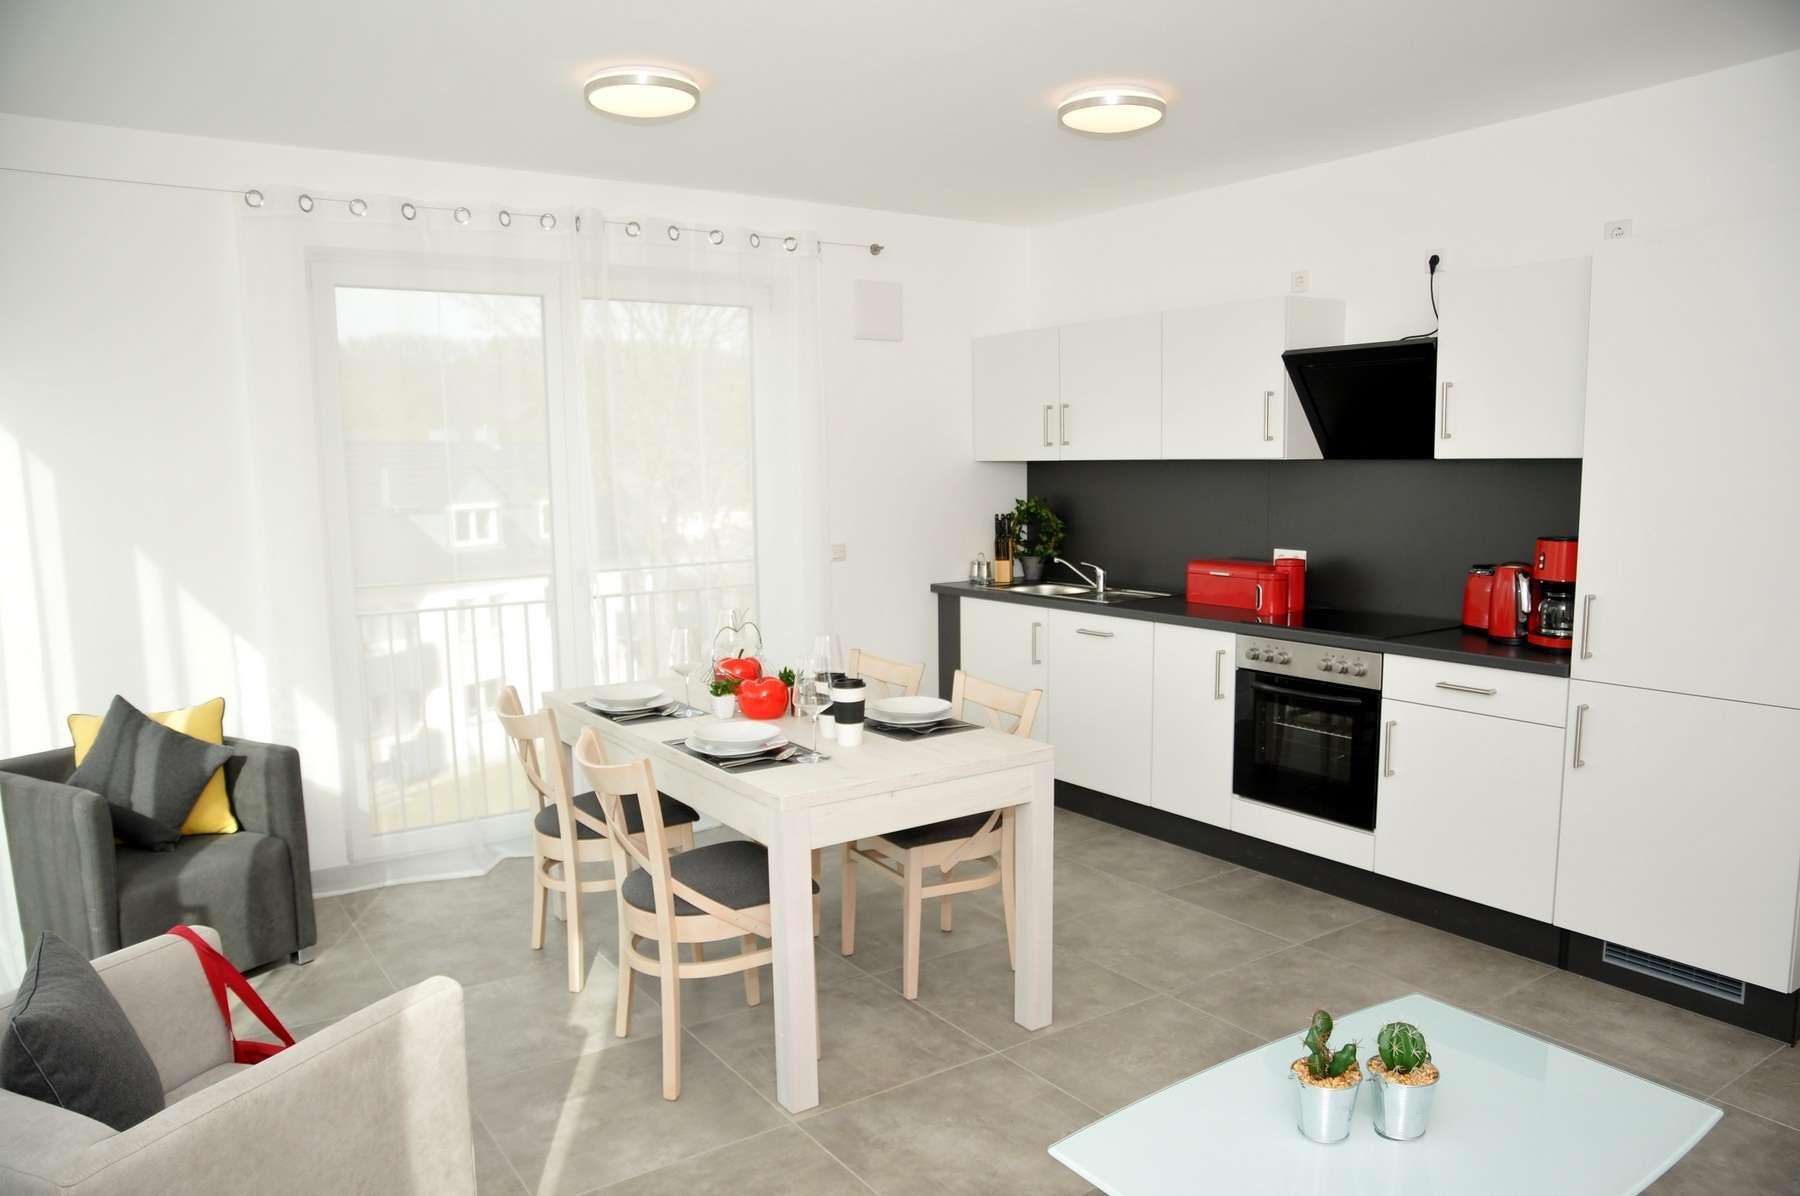 Möblierte Wohnungen - R-West - Erstbezug ca75qm mit Balkon,  WGgeeignet, Furnished appartment ! in